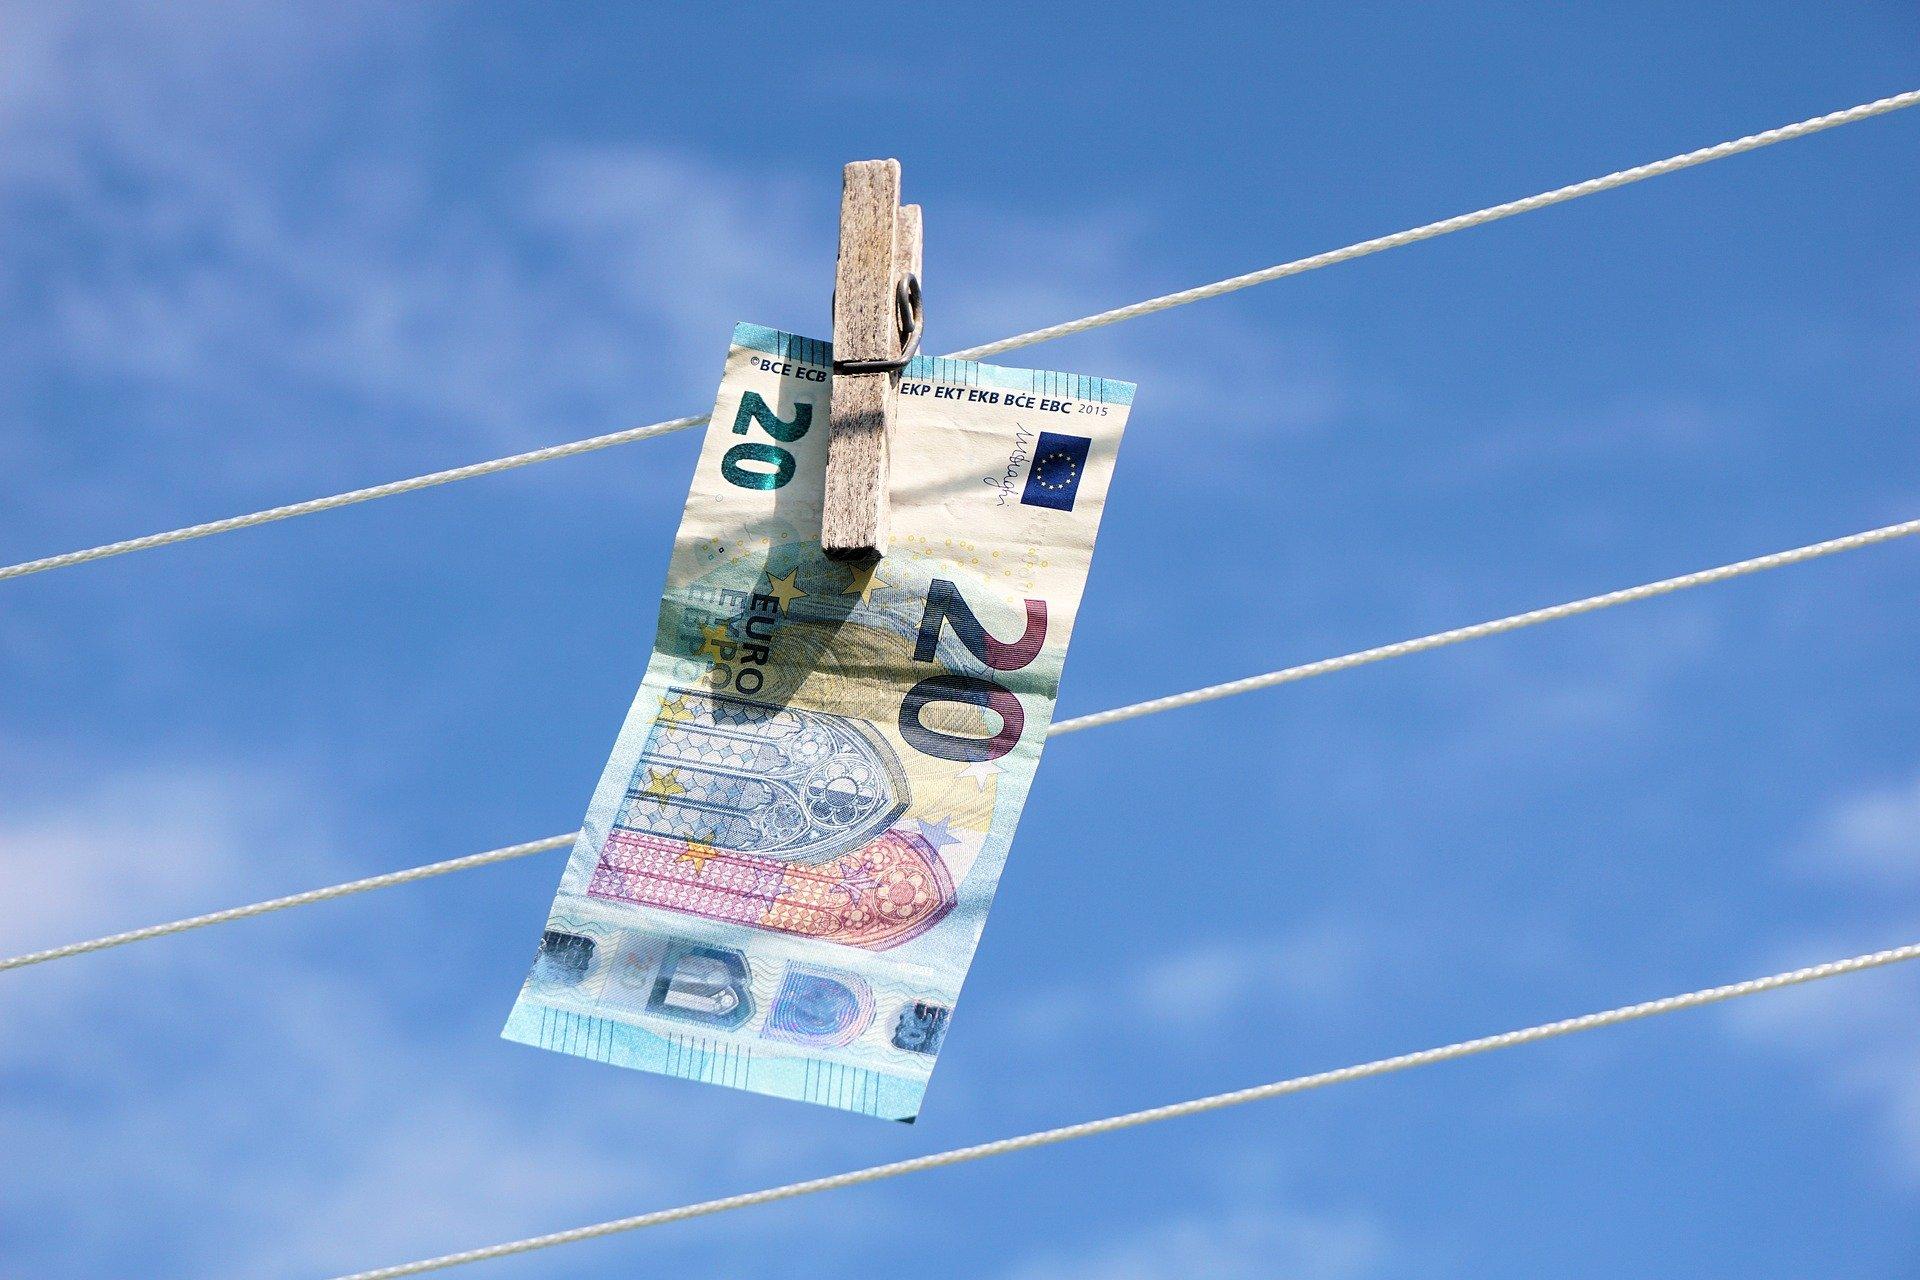 zwanzig Euroschein an einer Wäscheleine